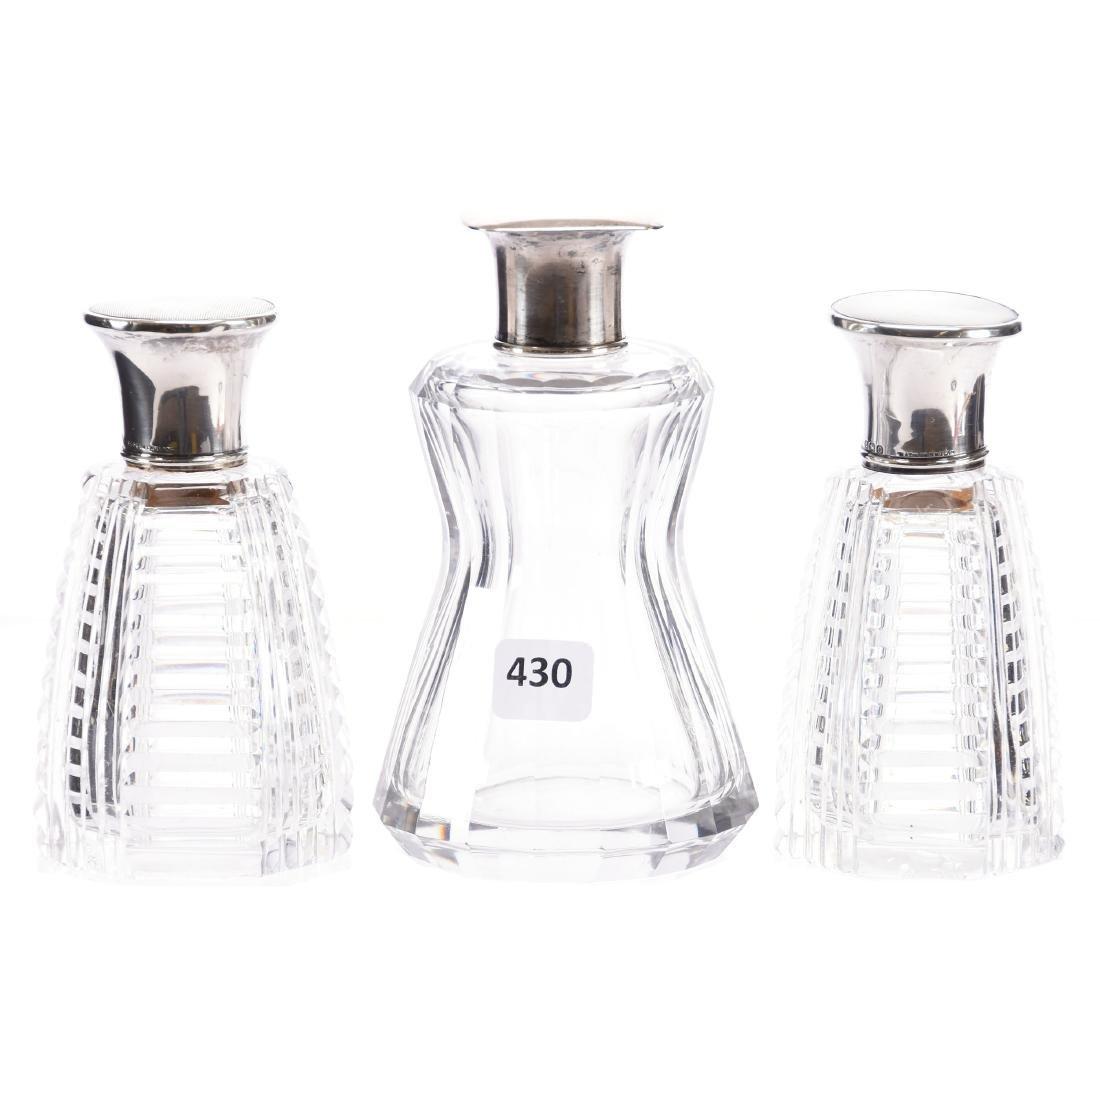 (3) Perfume Bottles